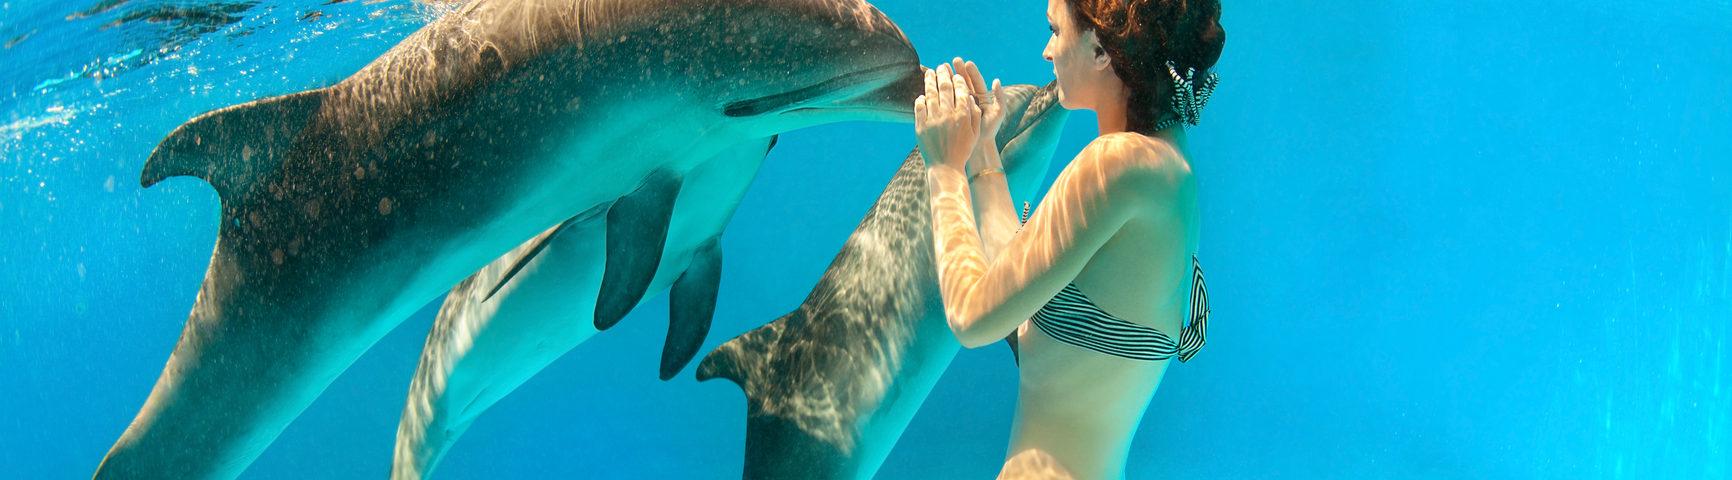 7 мест по всему миру, где мы можем плавать с дельфинами